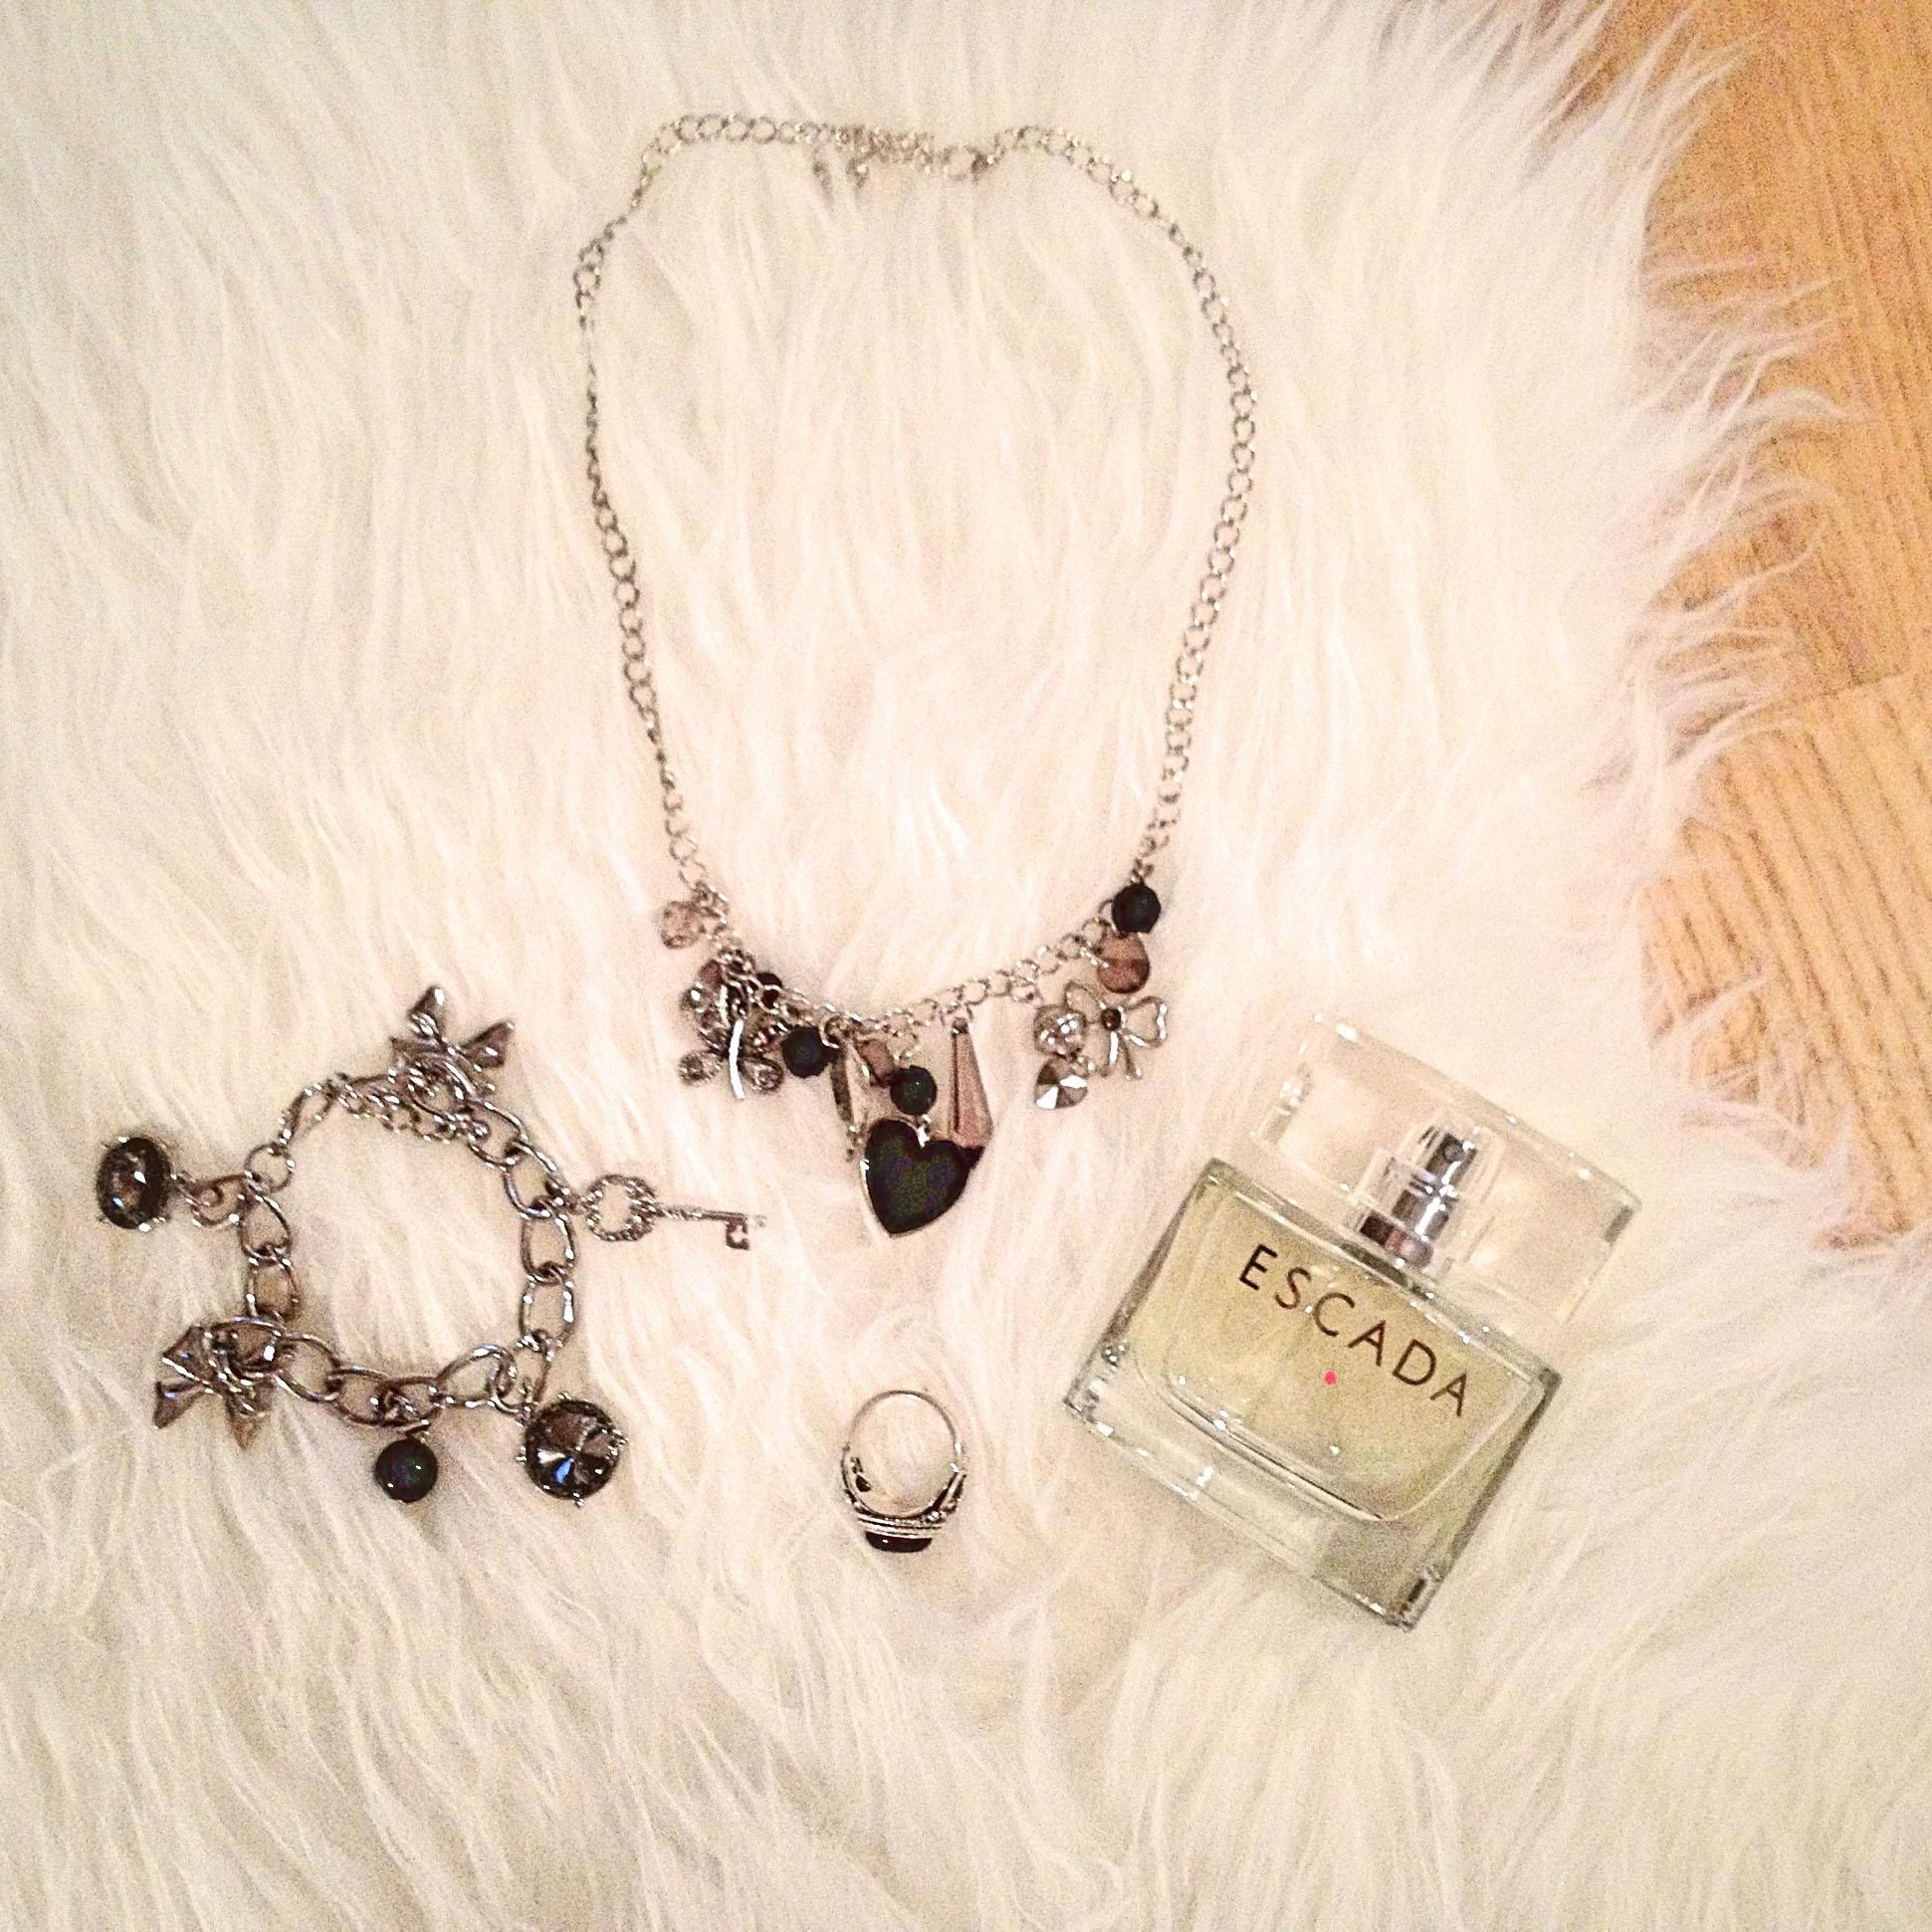 Kette Gold Schmuck Armband Accessoires Modeschmuck Blog